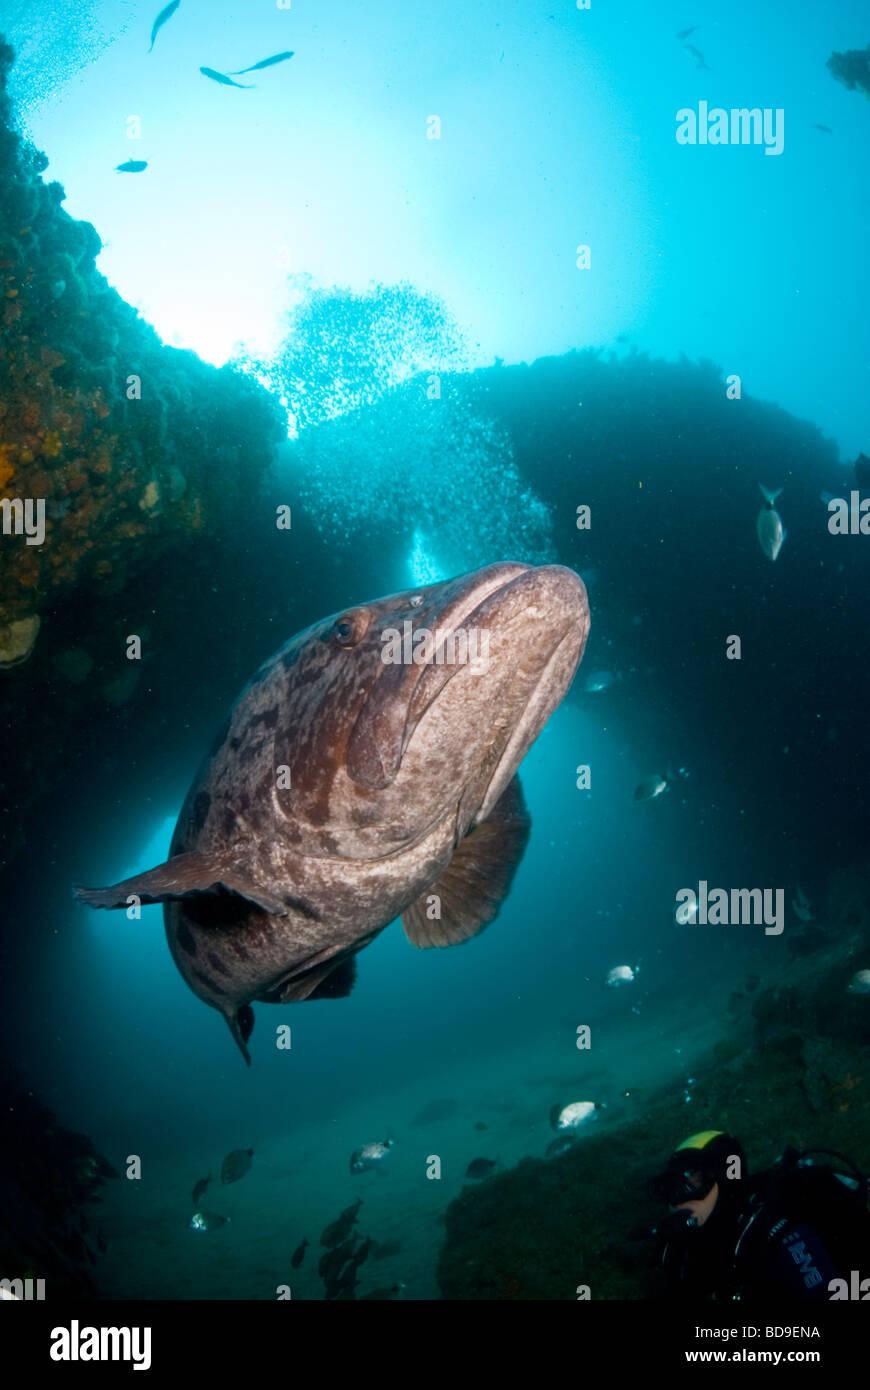 Potato cod (Epinephelus tukula), Aliwal Shoal, South Africa - Stock Image